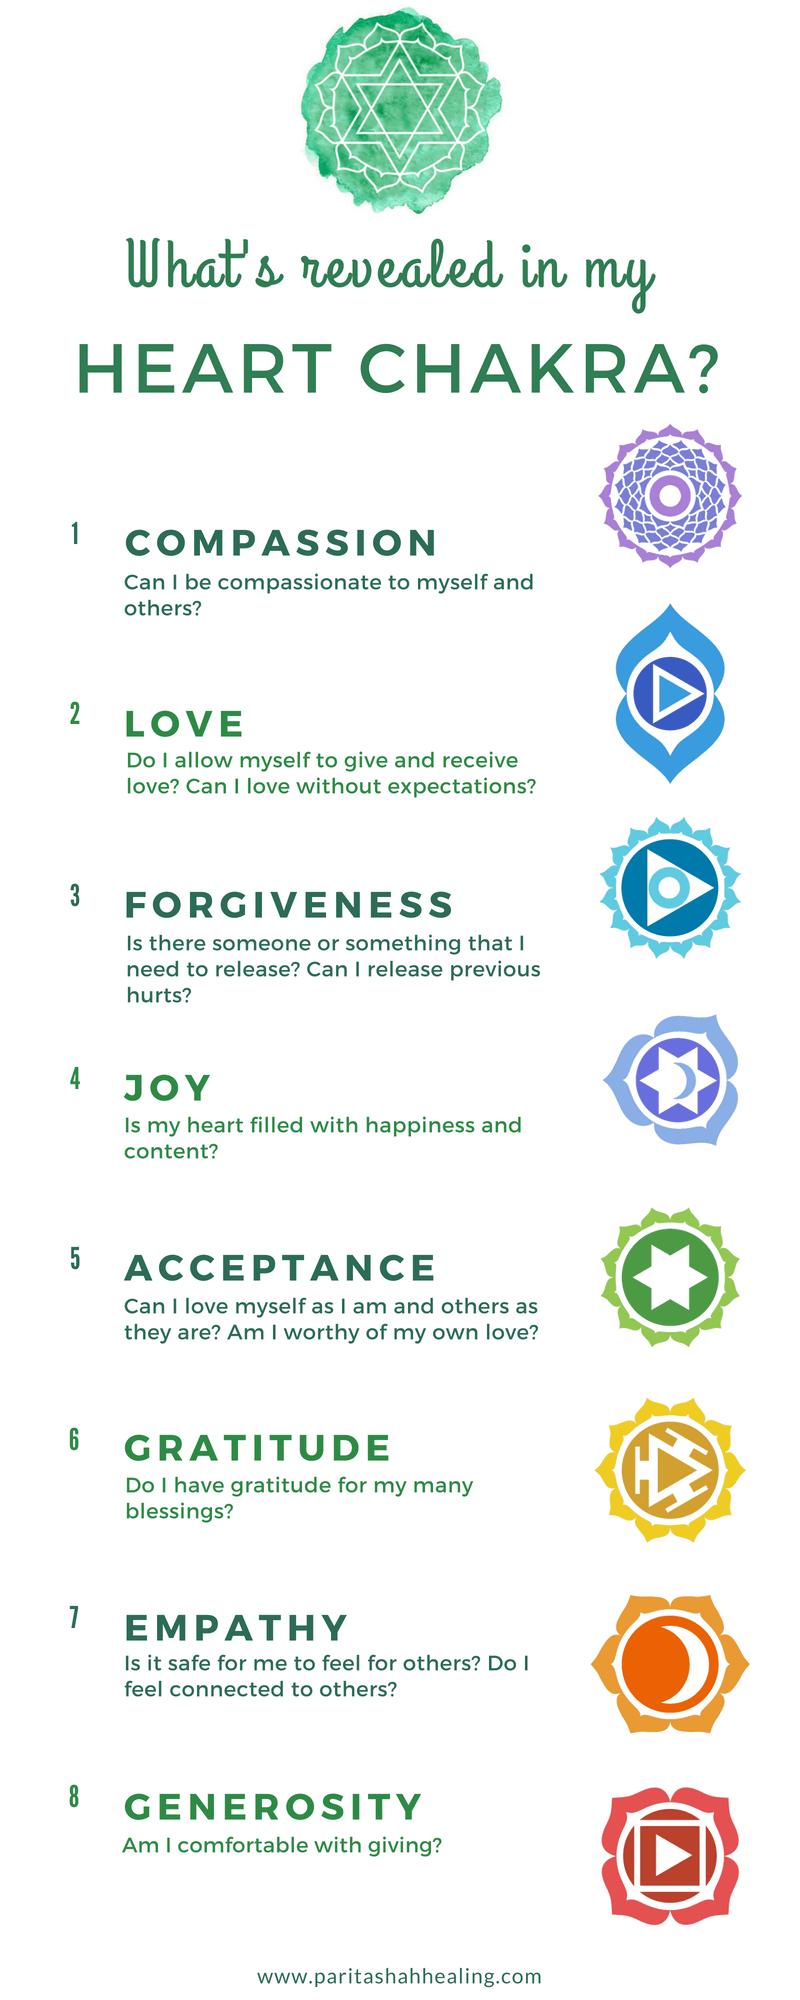 Heart Chakra Theme - Heart Chakra Meaning